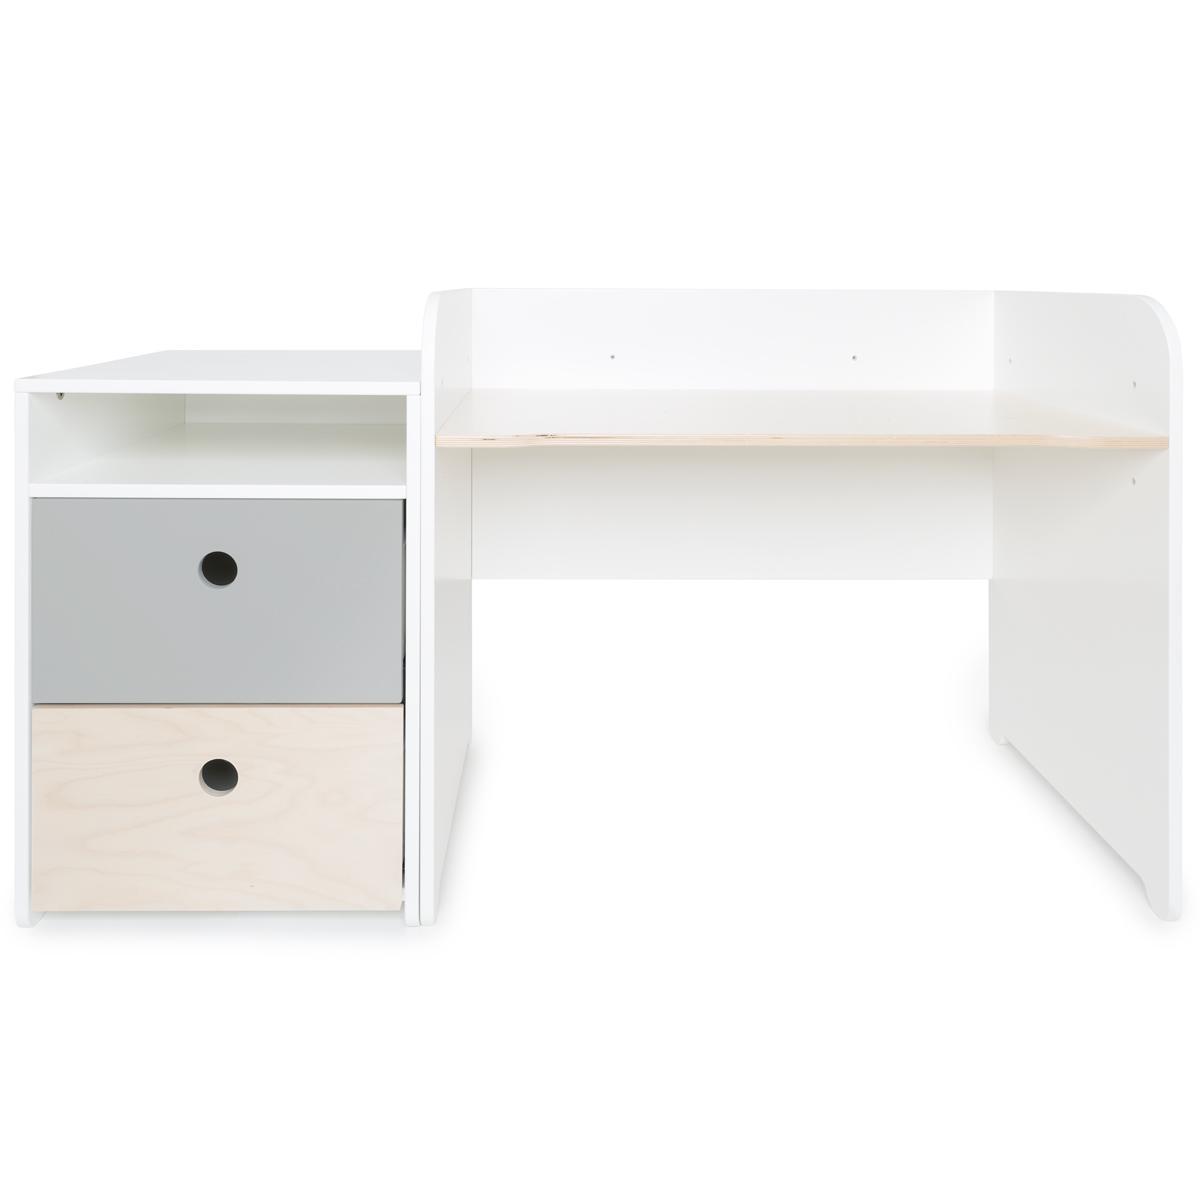 Schreibtish mitwachsend-Anstellregal 2 Schubladen COLORFLEX pearl grey-white wash